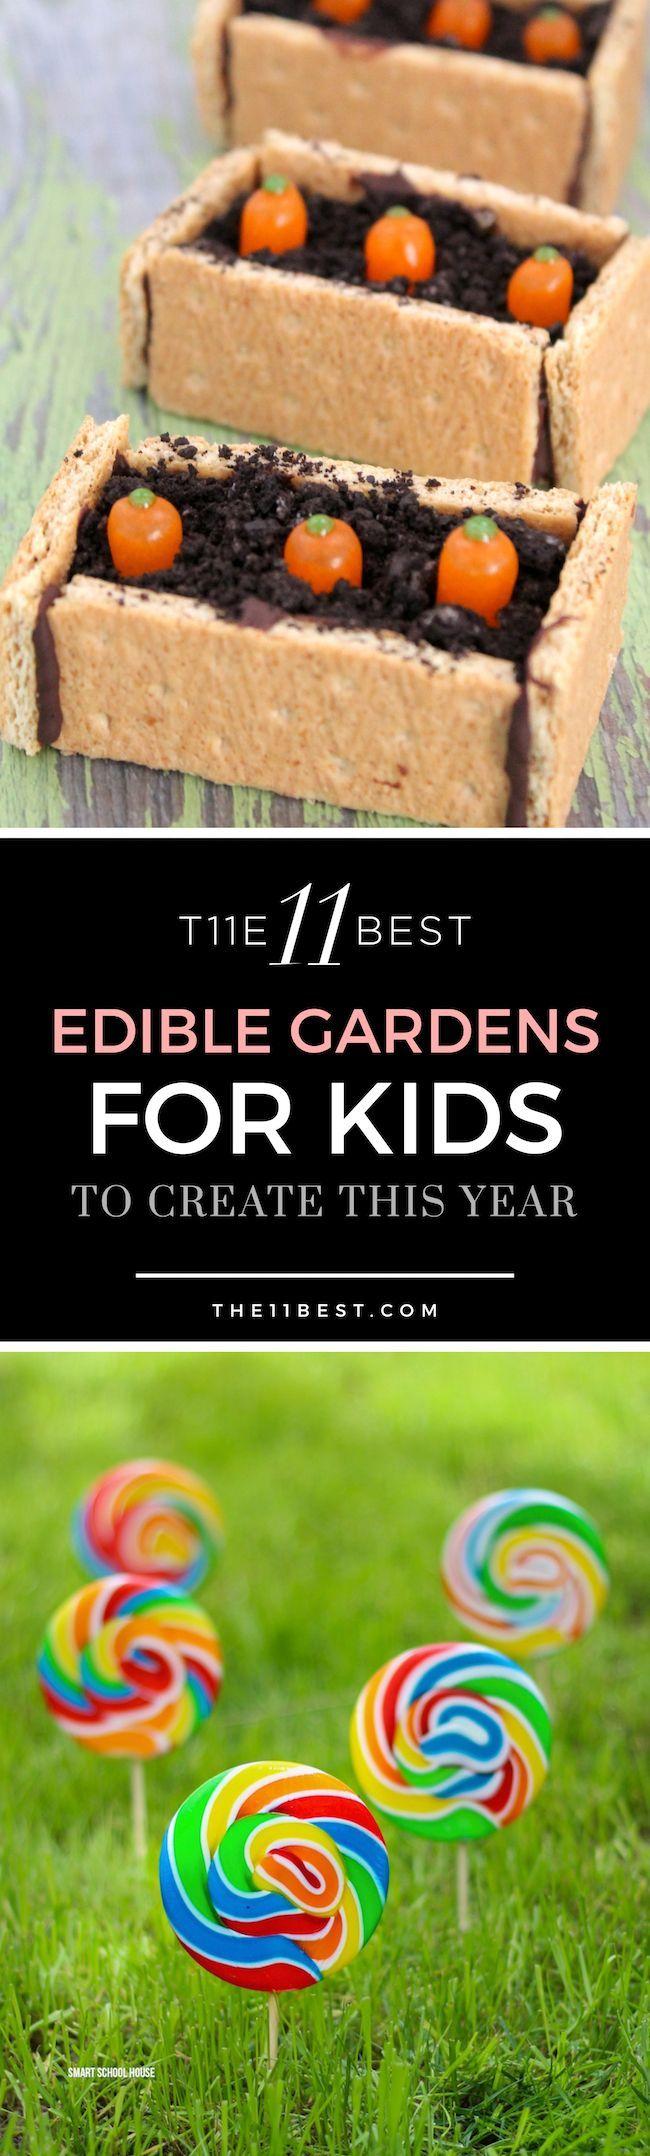 Garden ideas for kids. Candy garden. Edible garden. Garden crafts for kids.